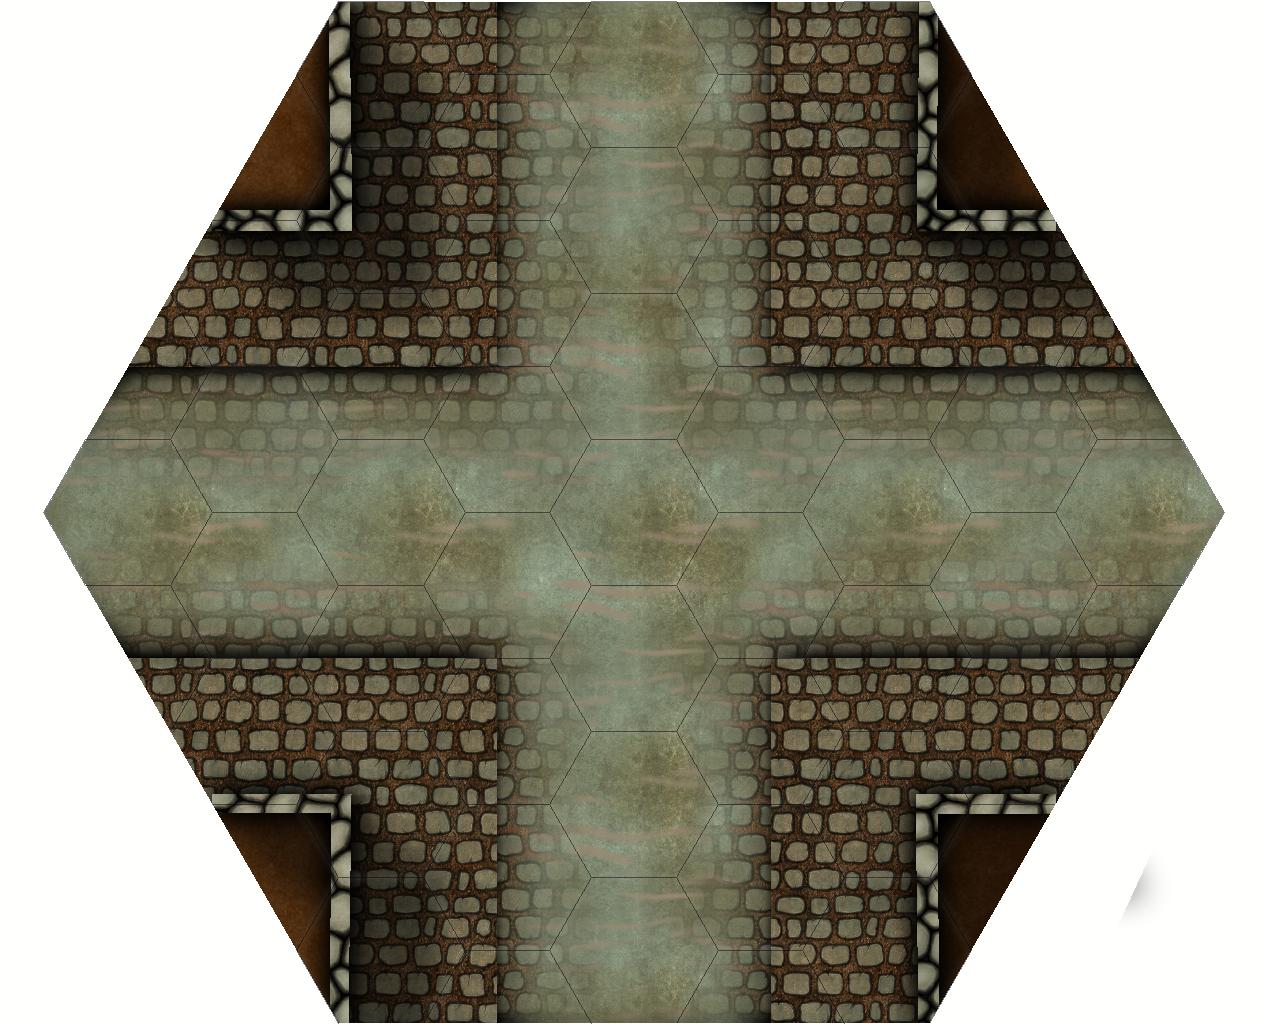 Geomorph Gurps Mega Dungeon